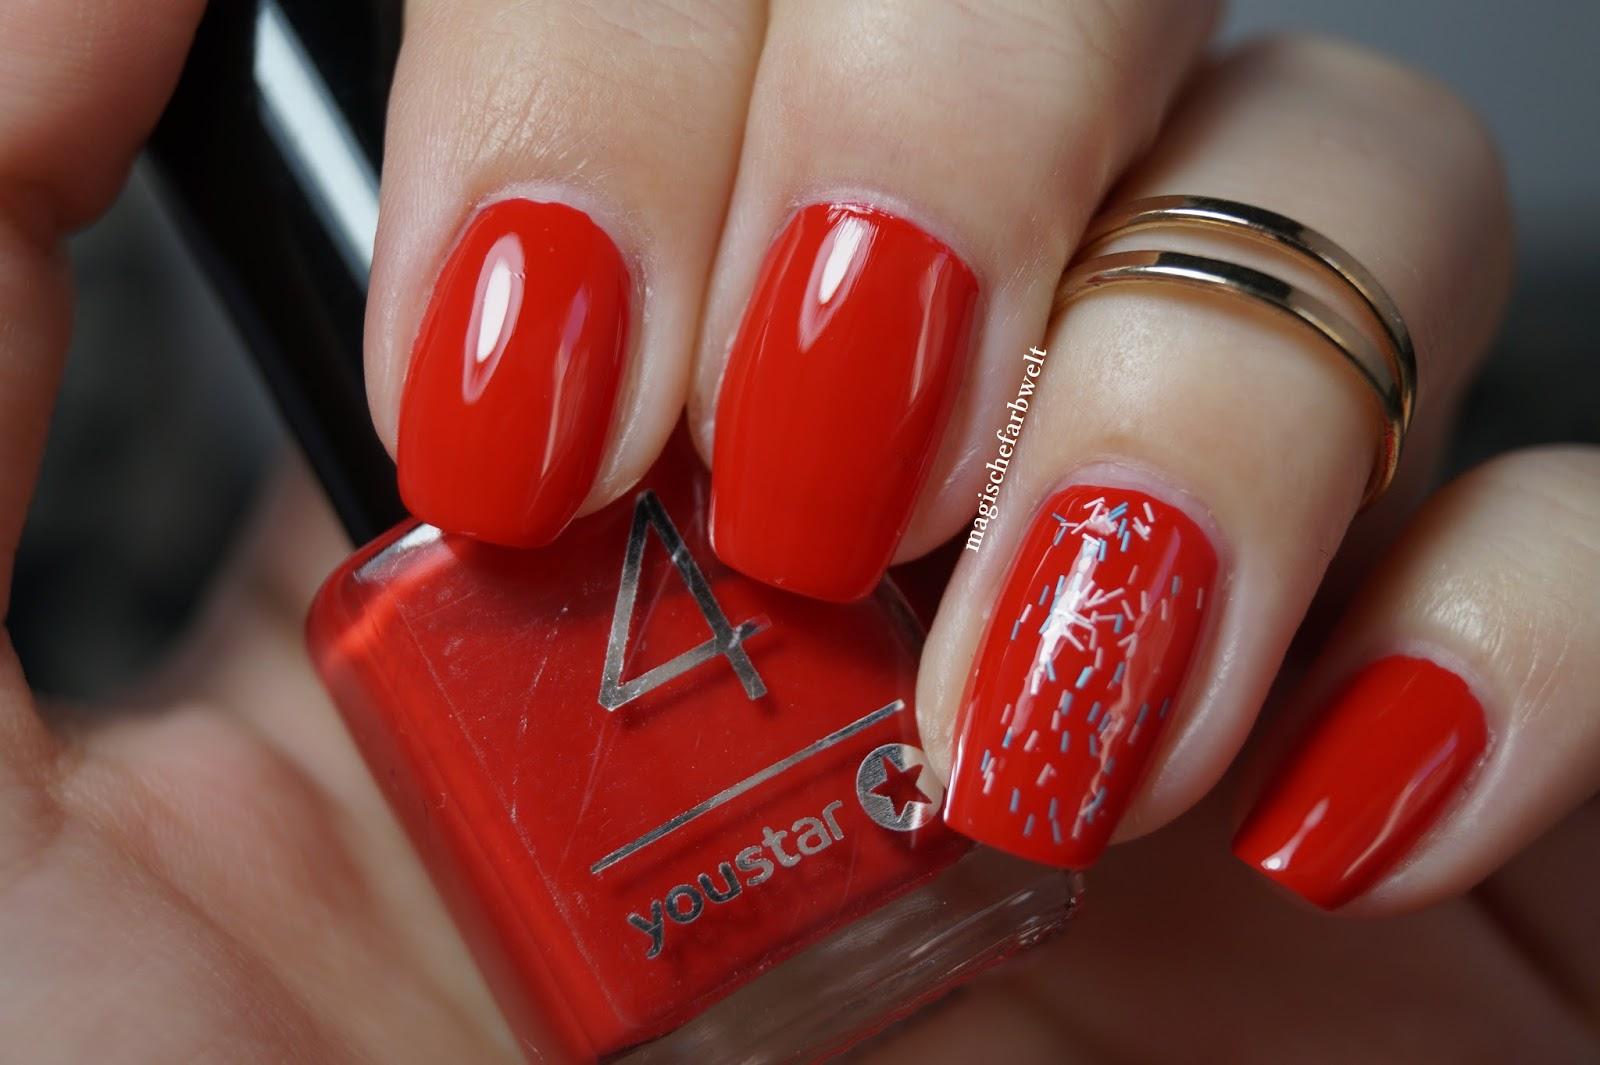 Inspirierend Nageldesign Rot Sammlung Von Ein Klassisches Auf Den Nägeln Geht Meines